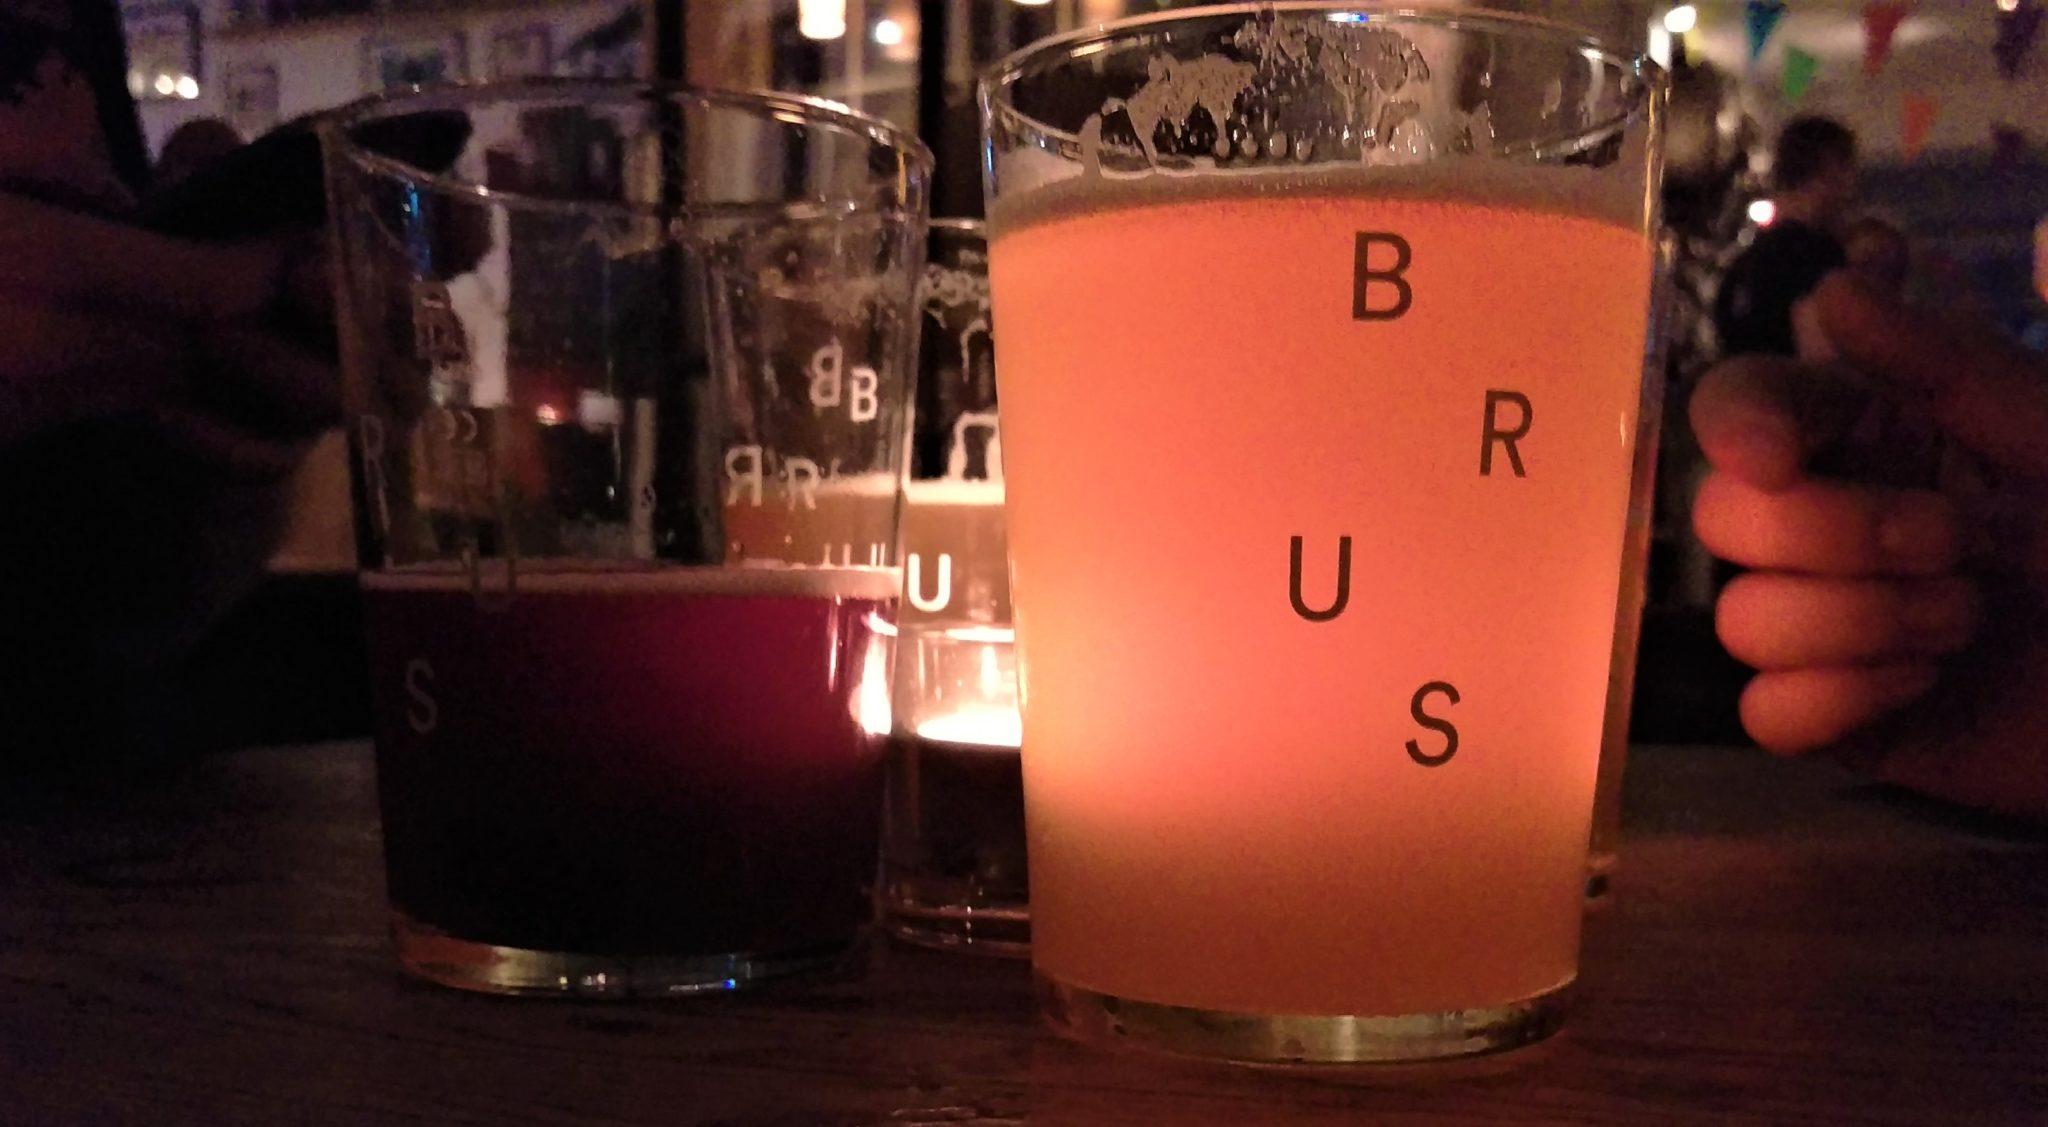 BRUS Copenhagen